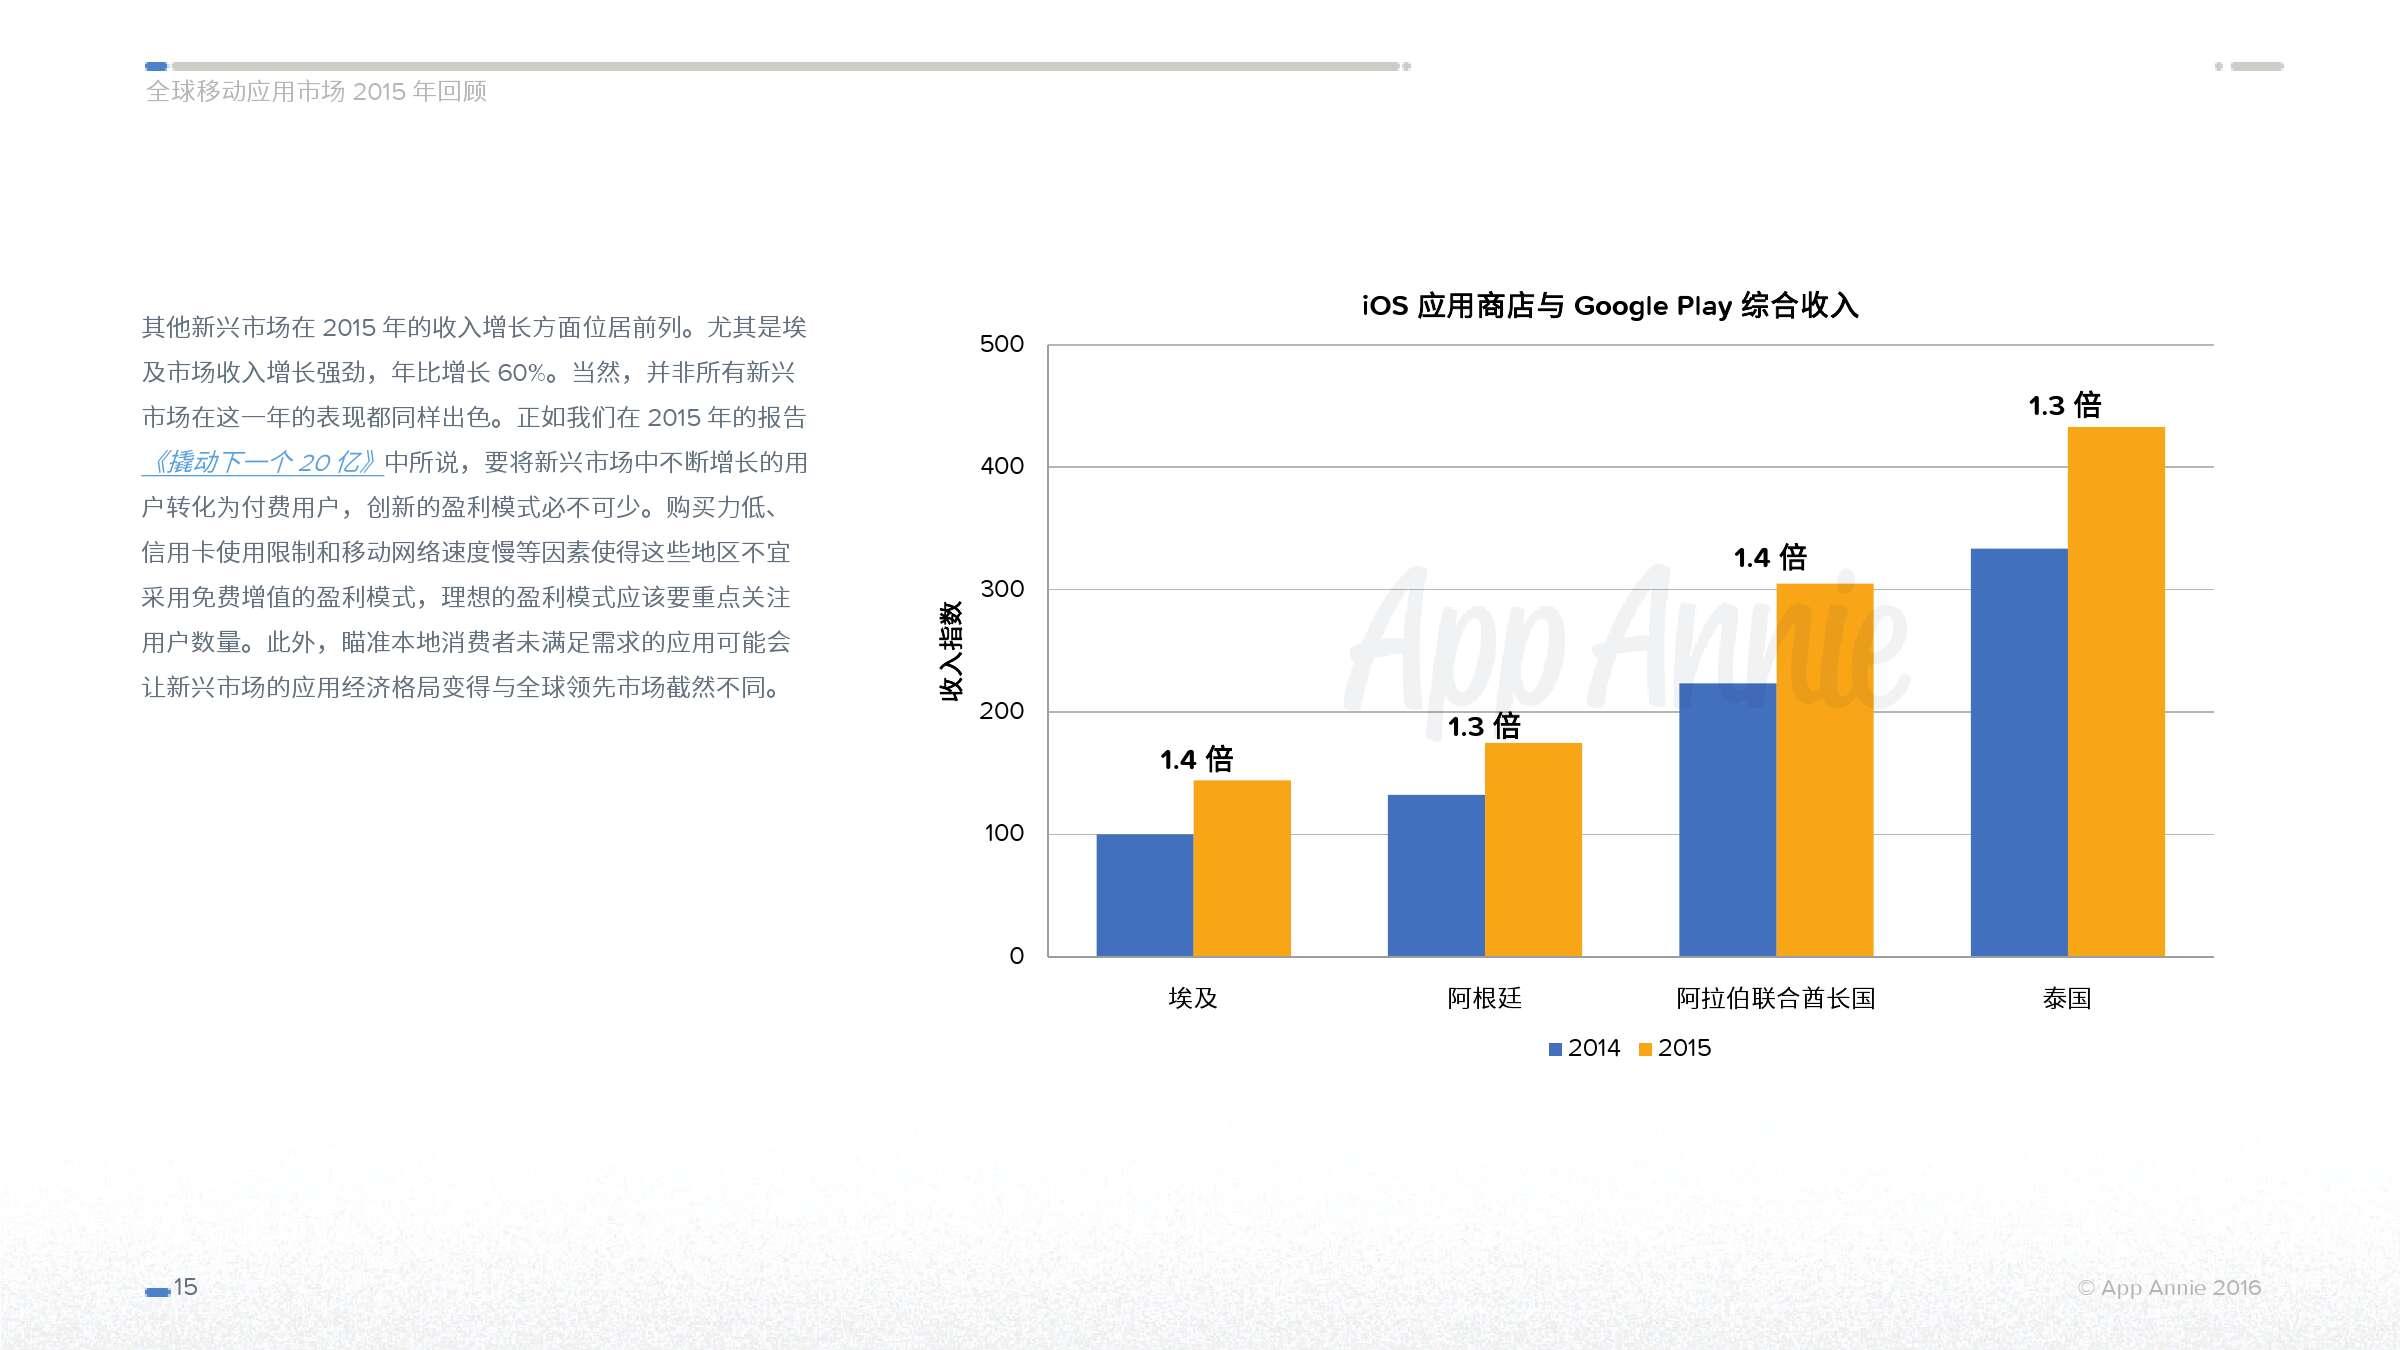 App Annie 全球移动应用市场 2015 年回顾_000015